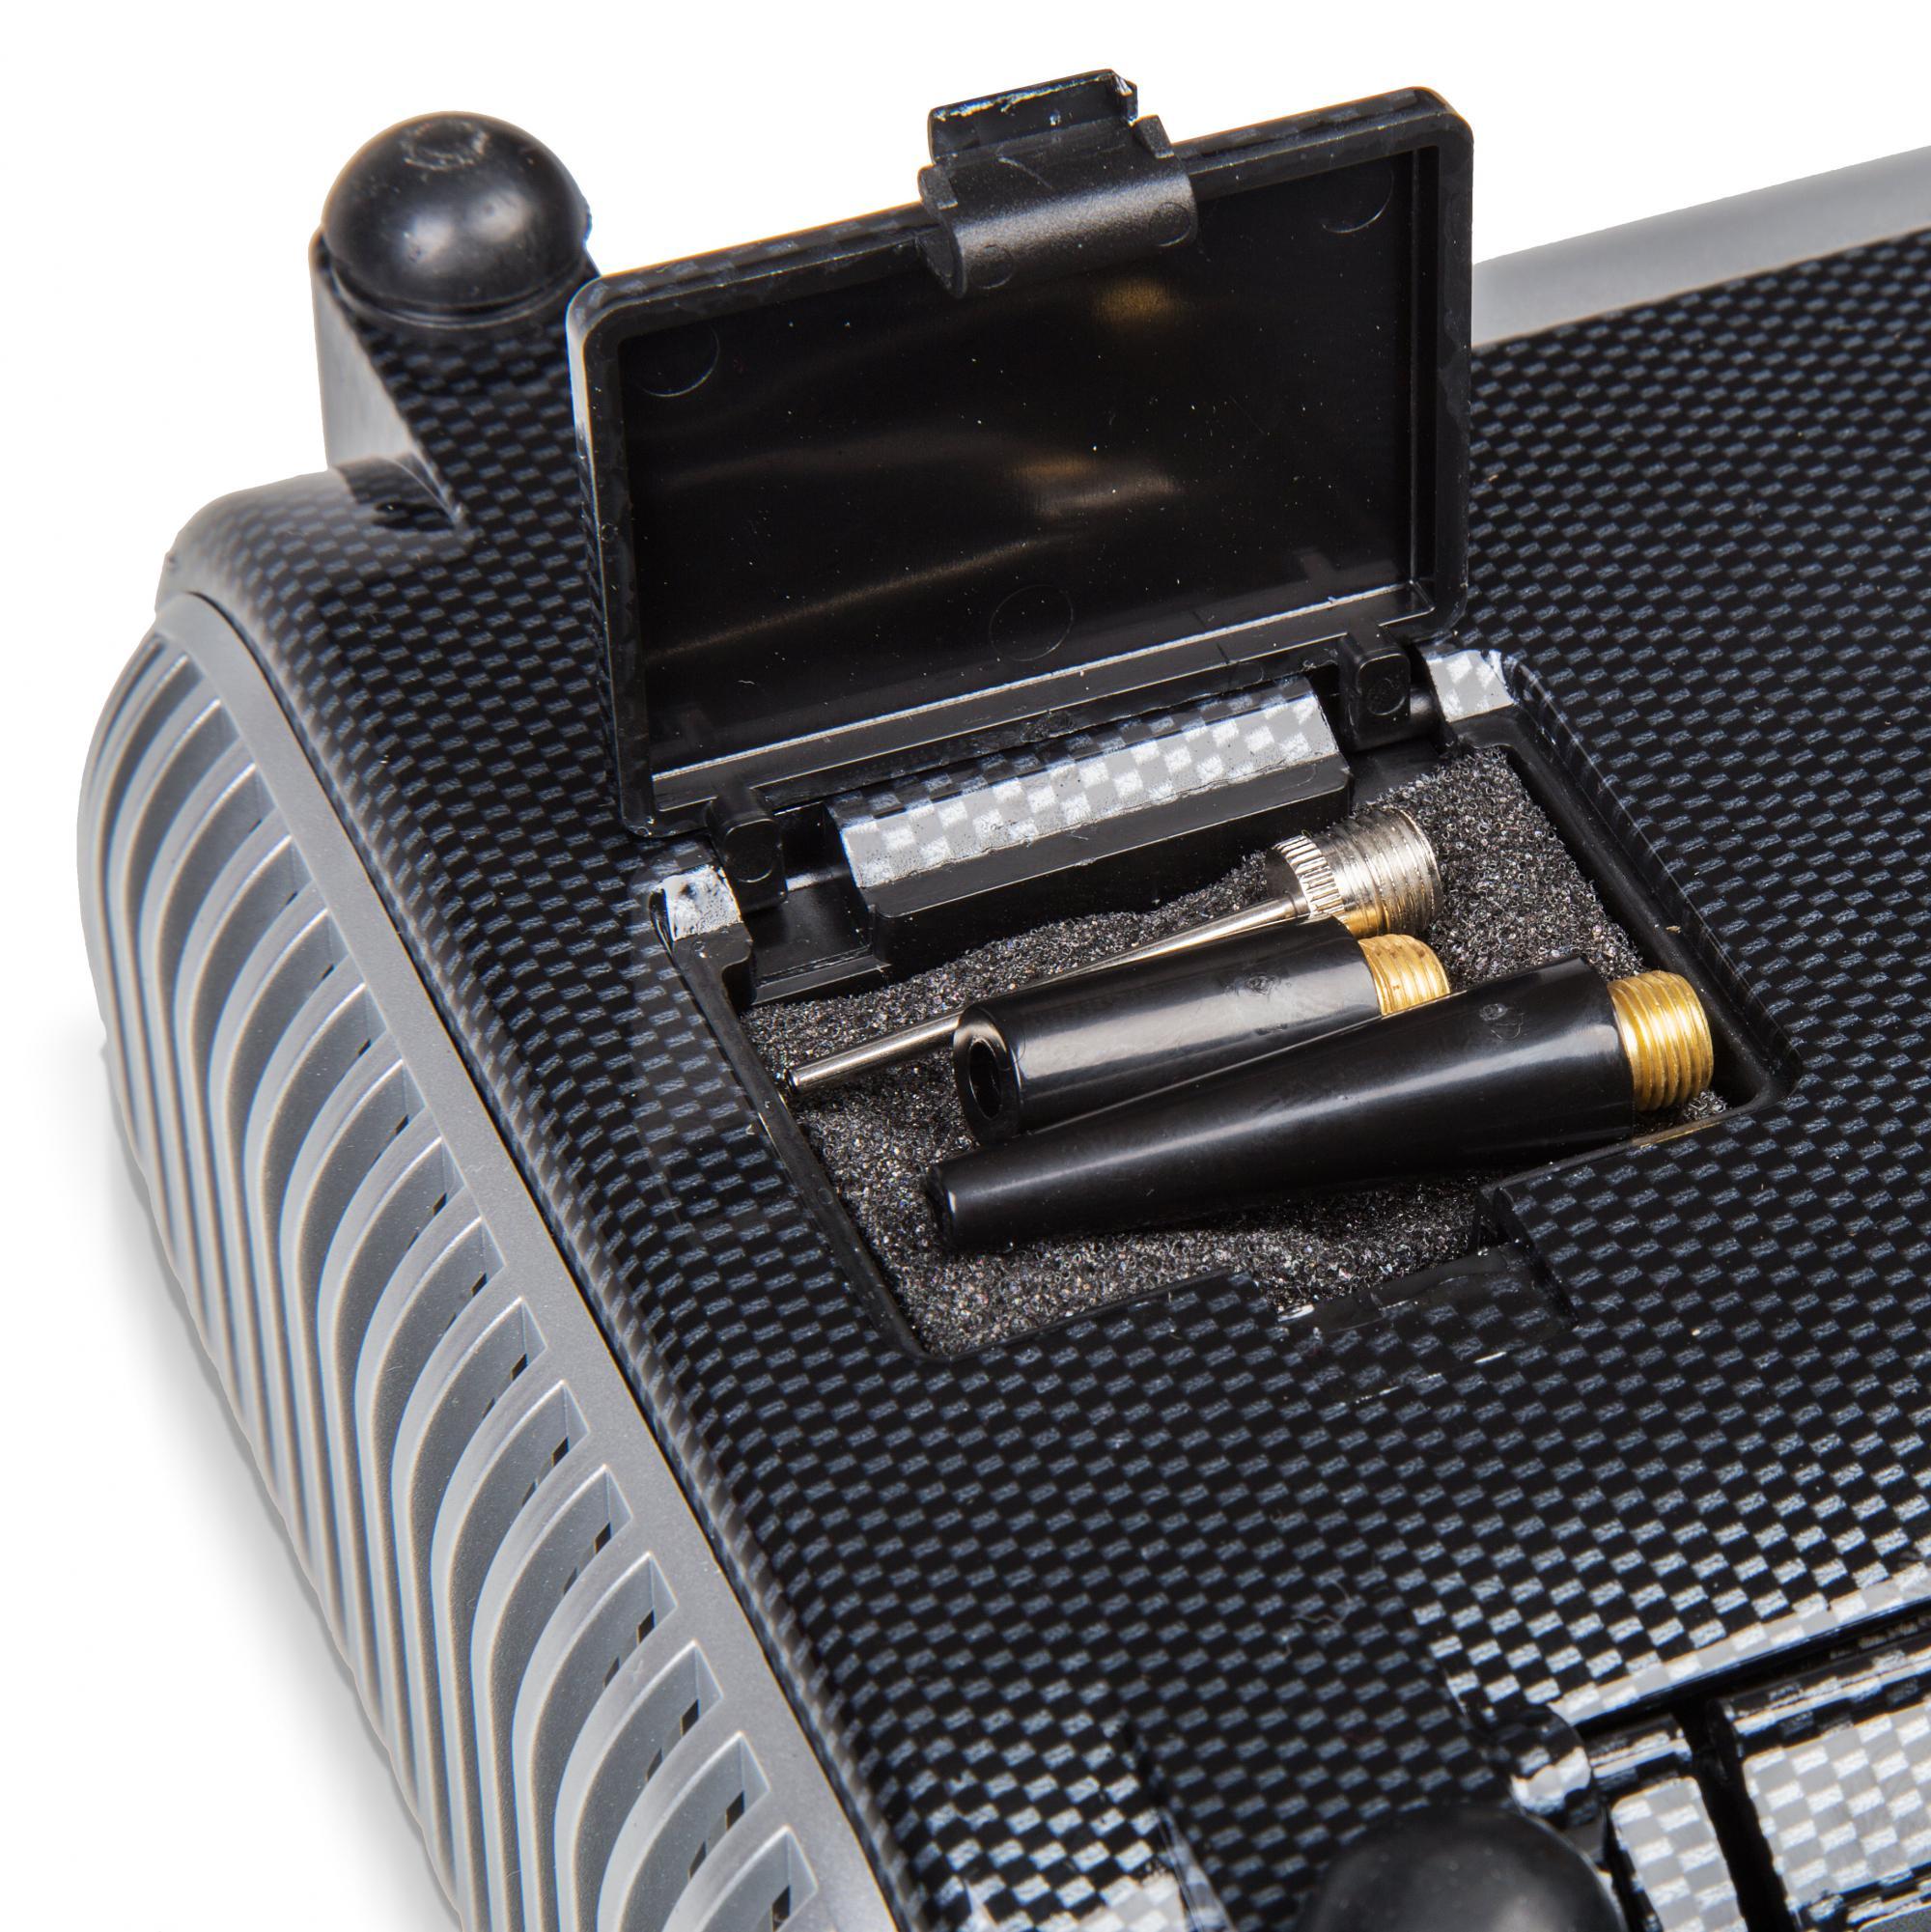 Tragbare digitale lcd-anzeige rad reifen reifen auto luftdruckprüfer tester G7M1